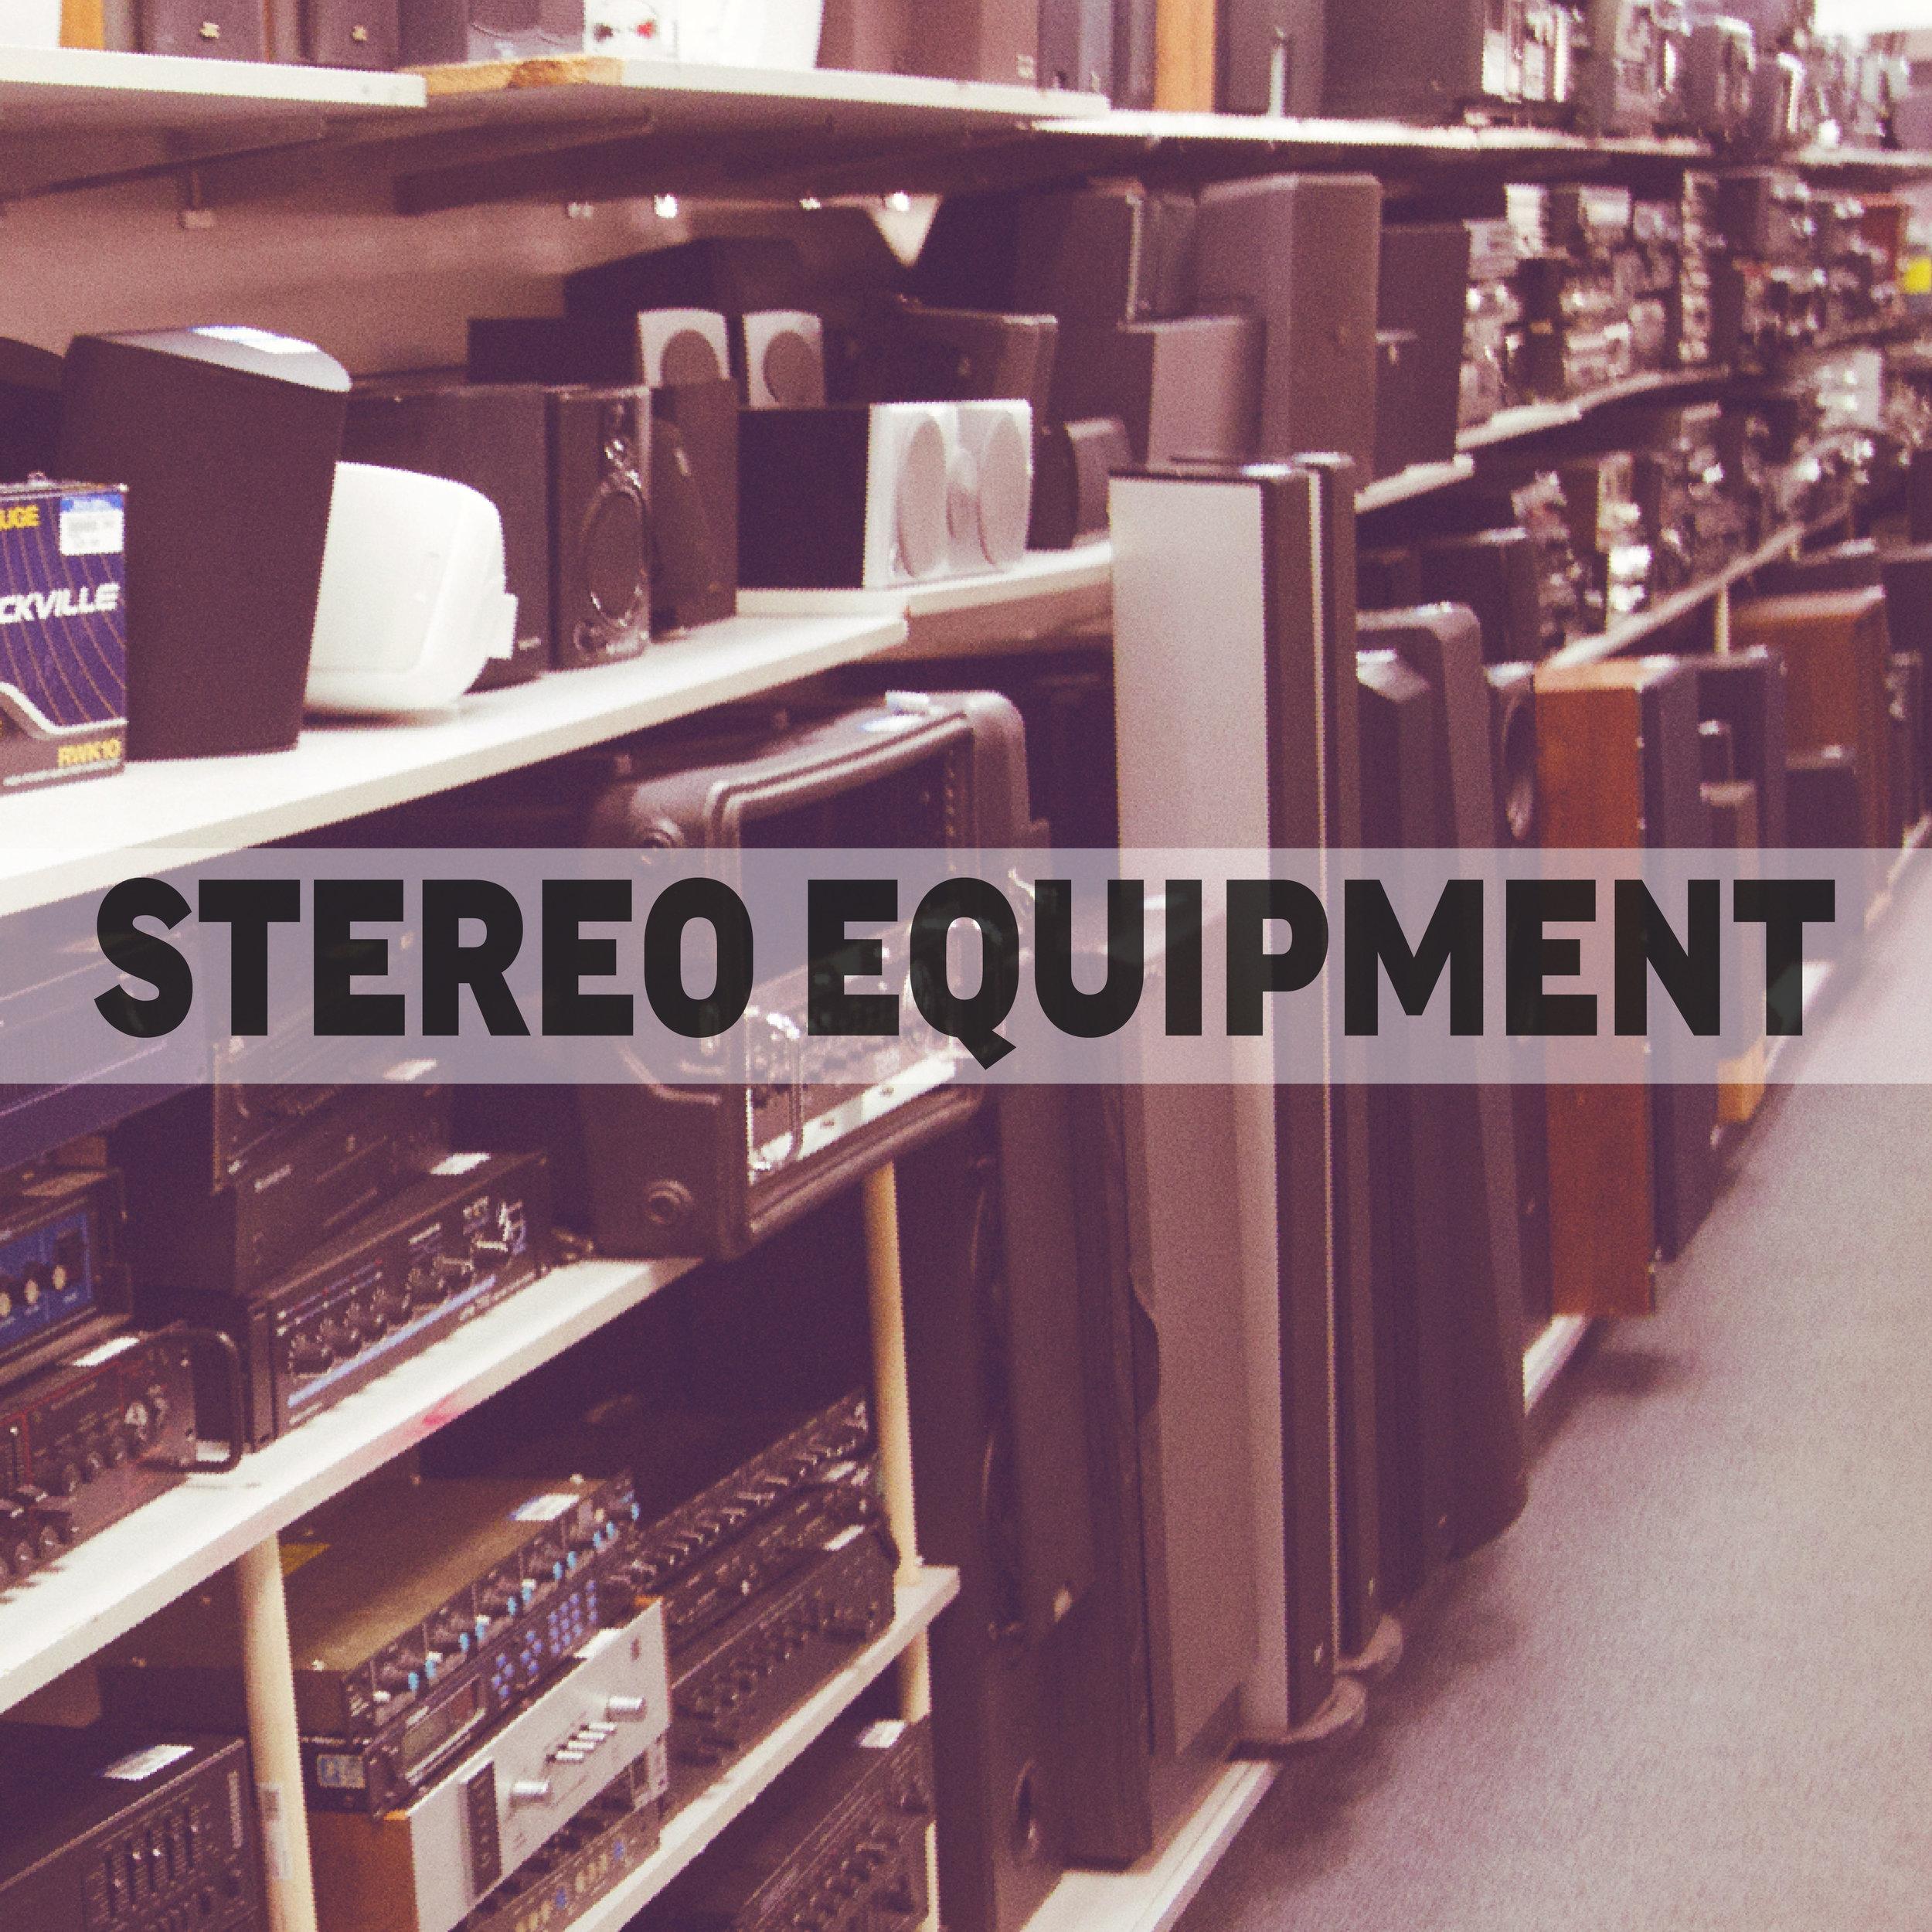 Stereo Equipment2-01.jpg